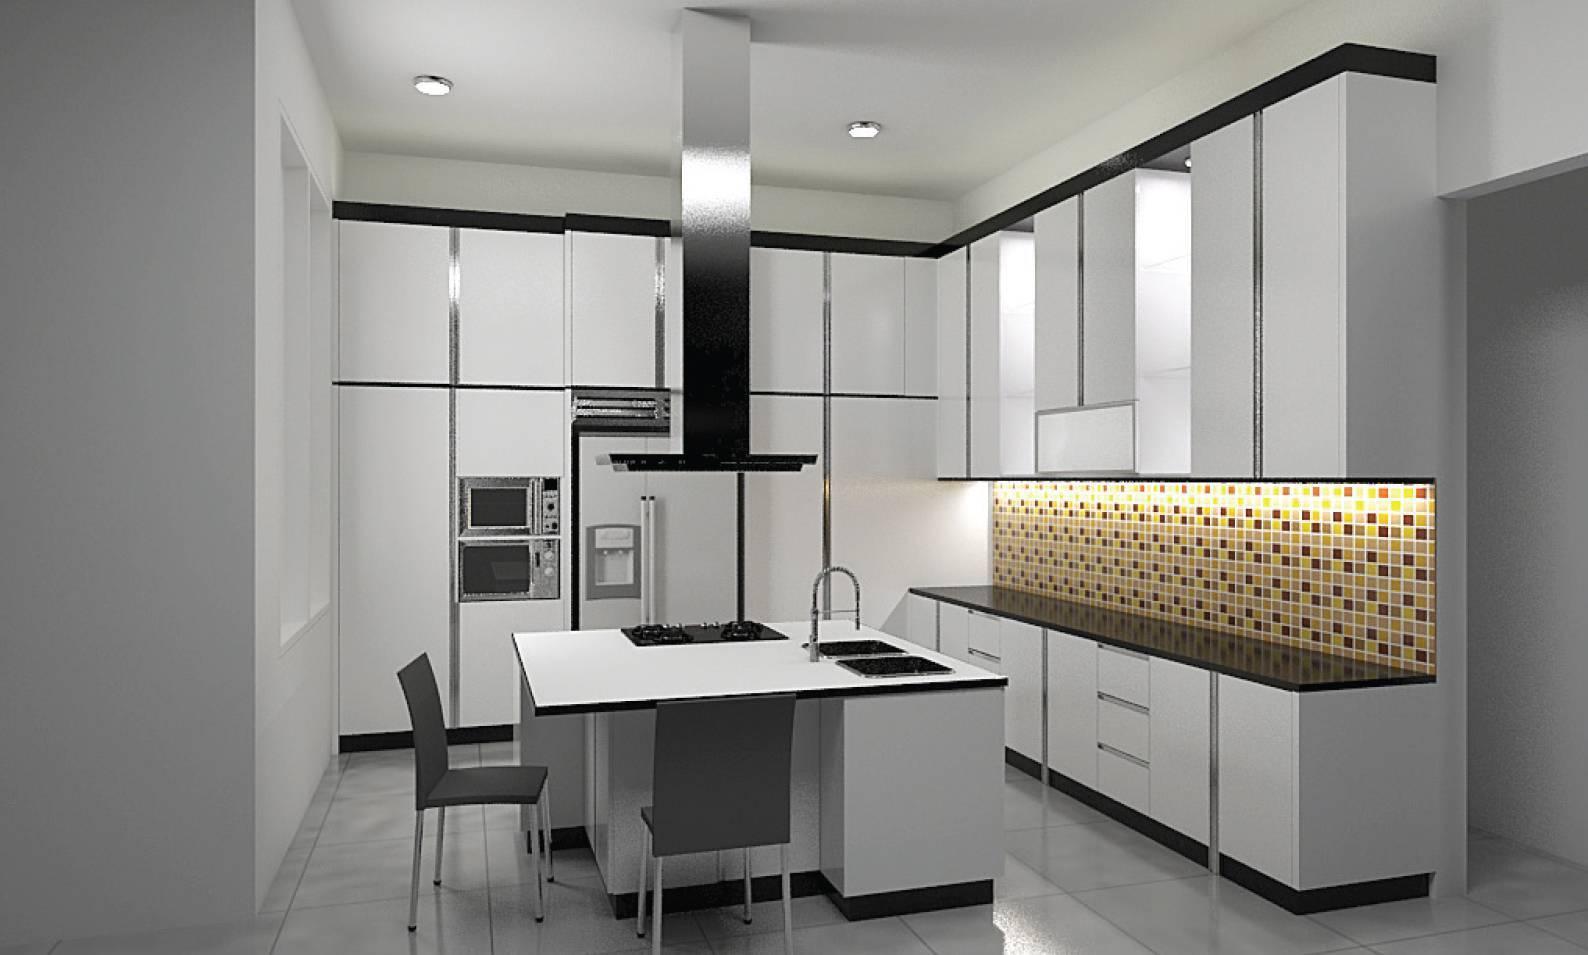 Independent Interior Design & Build Residential Kitchen Jakarta Jakarta Kitchen Modern  1839